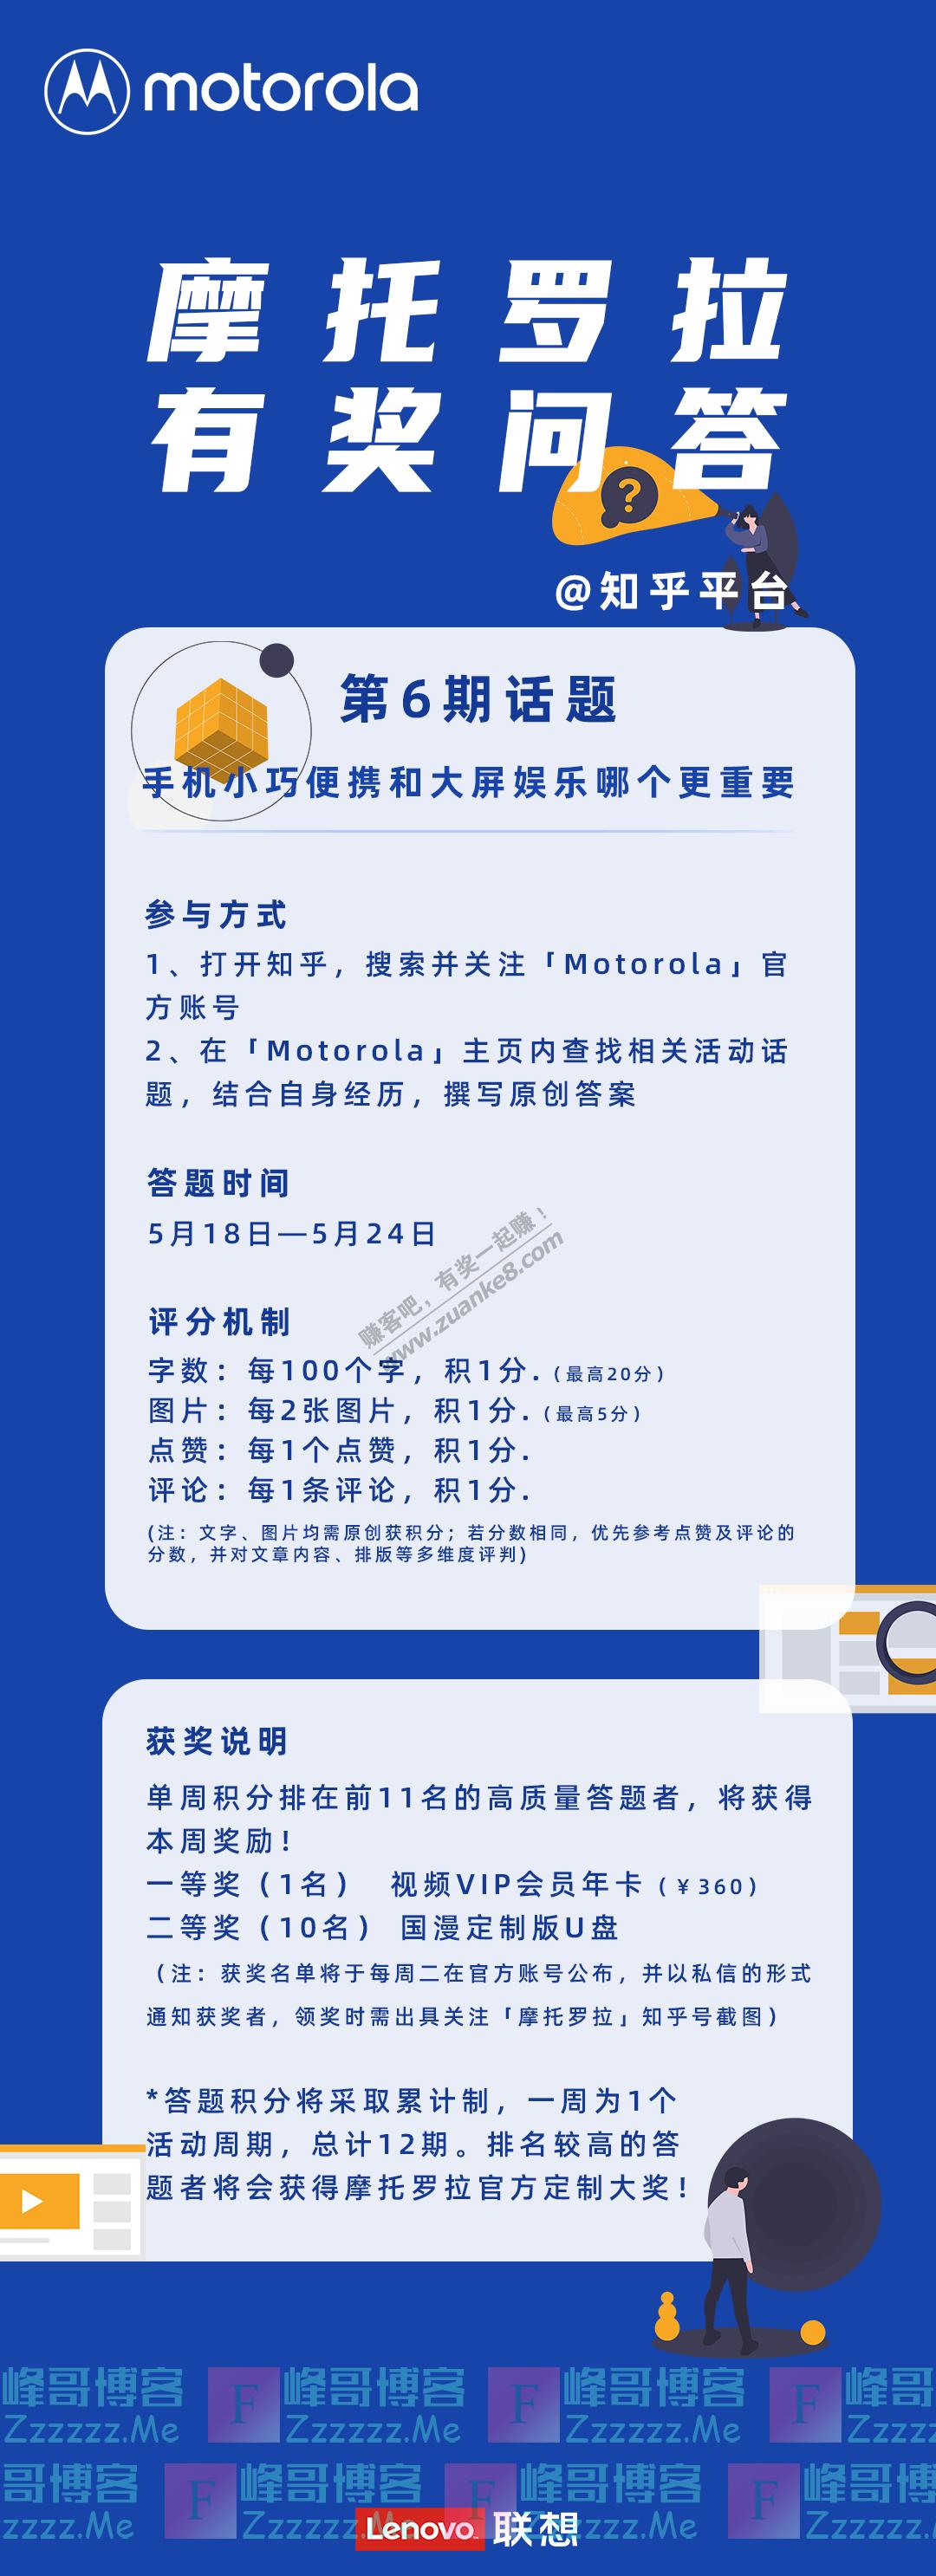 Motorola有奖问答第6期(截止5月24日)